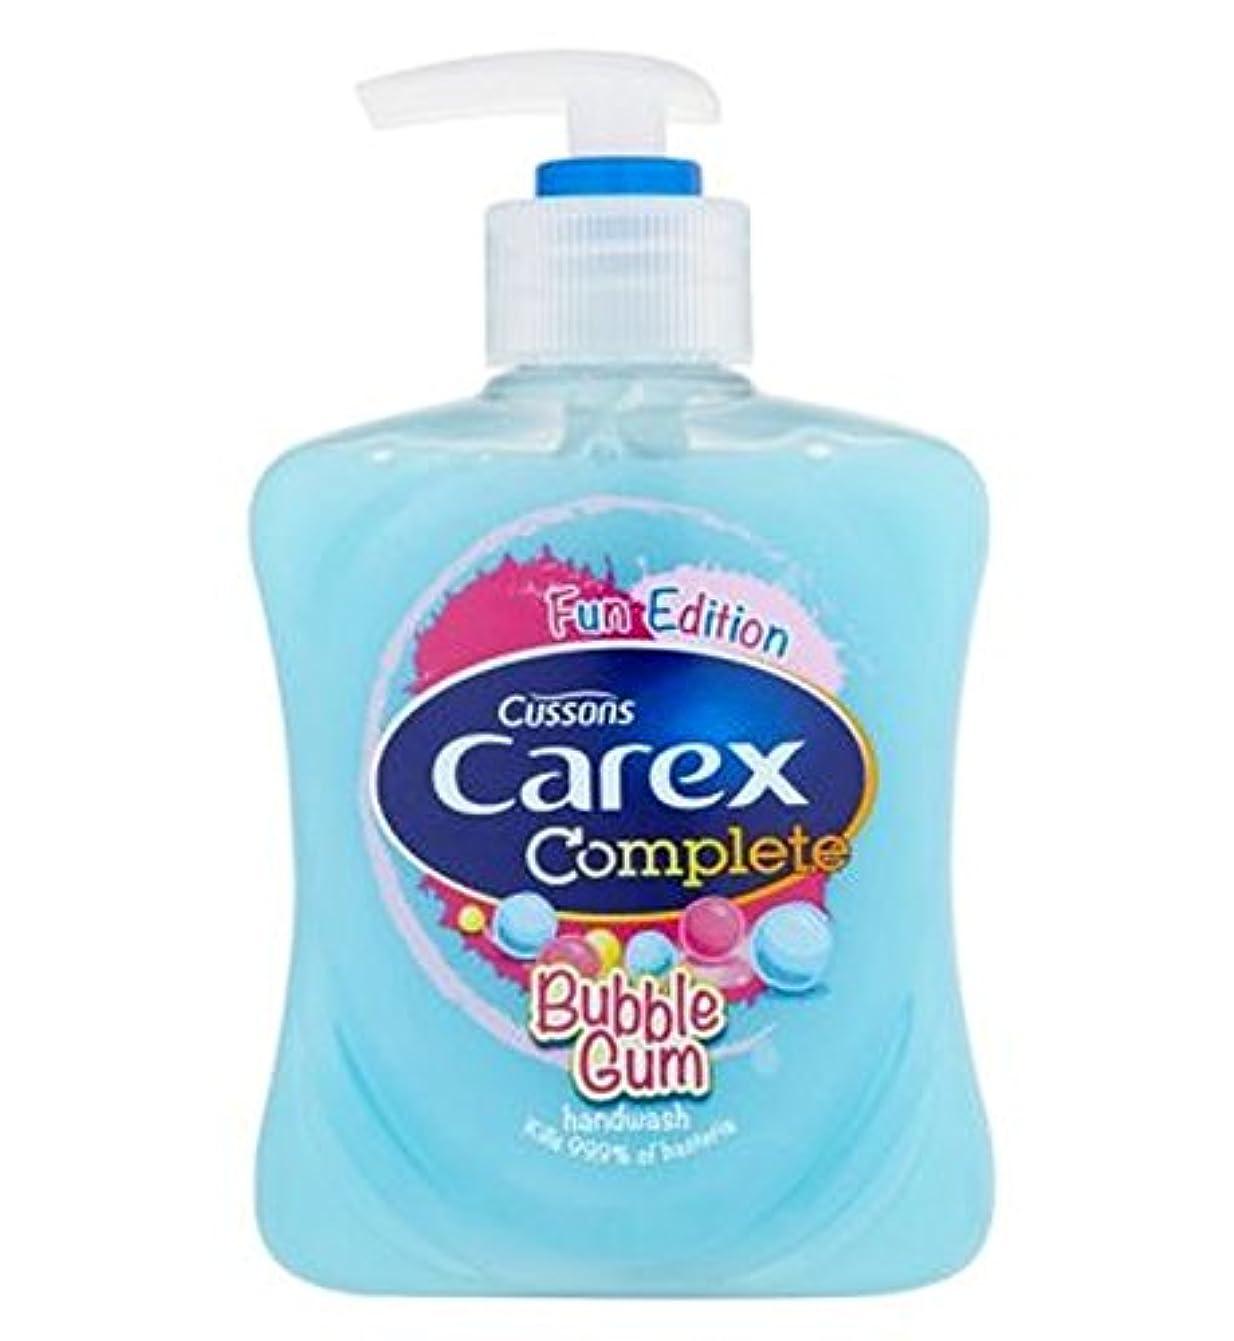 制限する誤解解説Carex Fun Bubble Gum Hand Wash 250ml - スゲ属楽しいバブルガムハンドウォッシュ250ミリリットル (Carex) [並行輸入品]